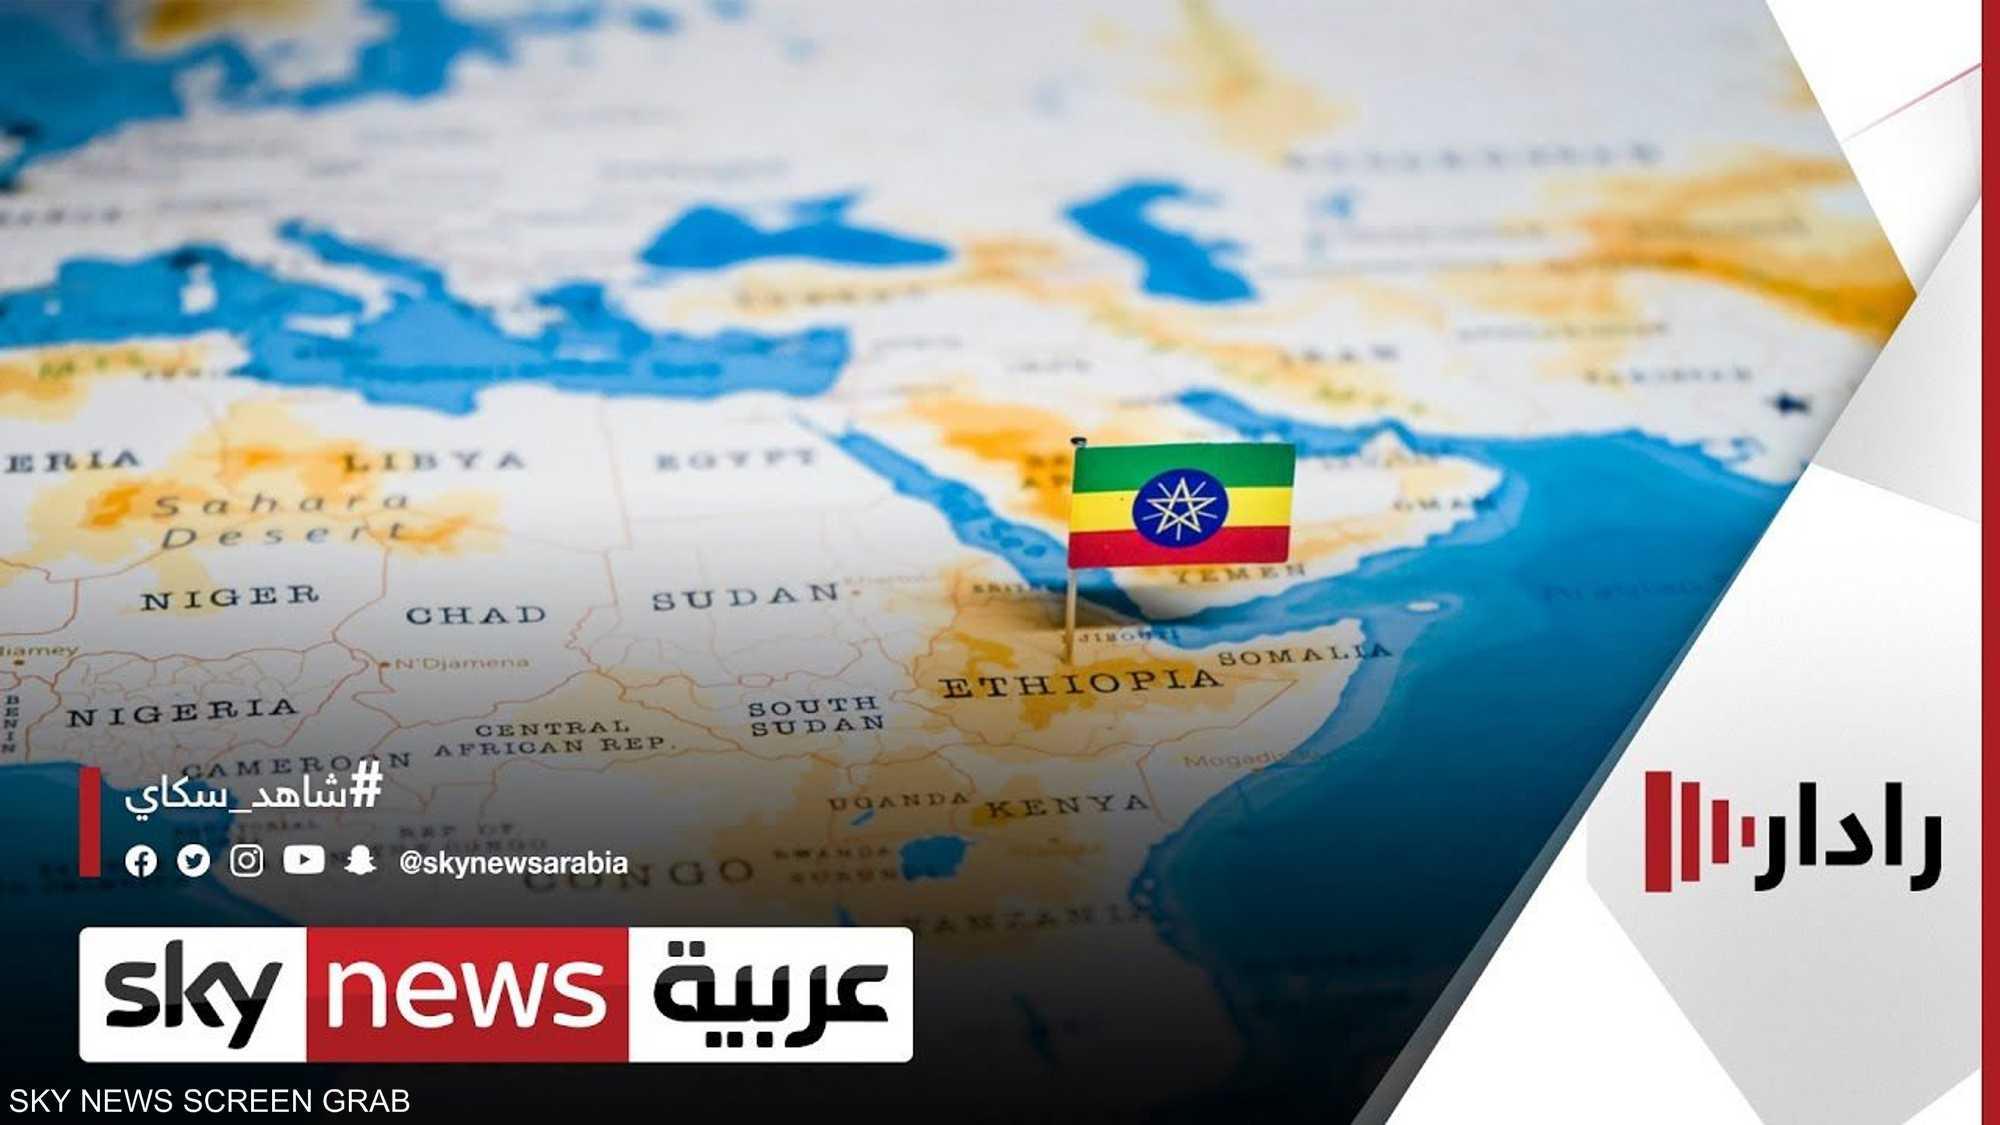 مصر: موقف إثيوبيا يؤدي لزيادة الاحتقان في المنطقة